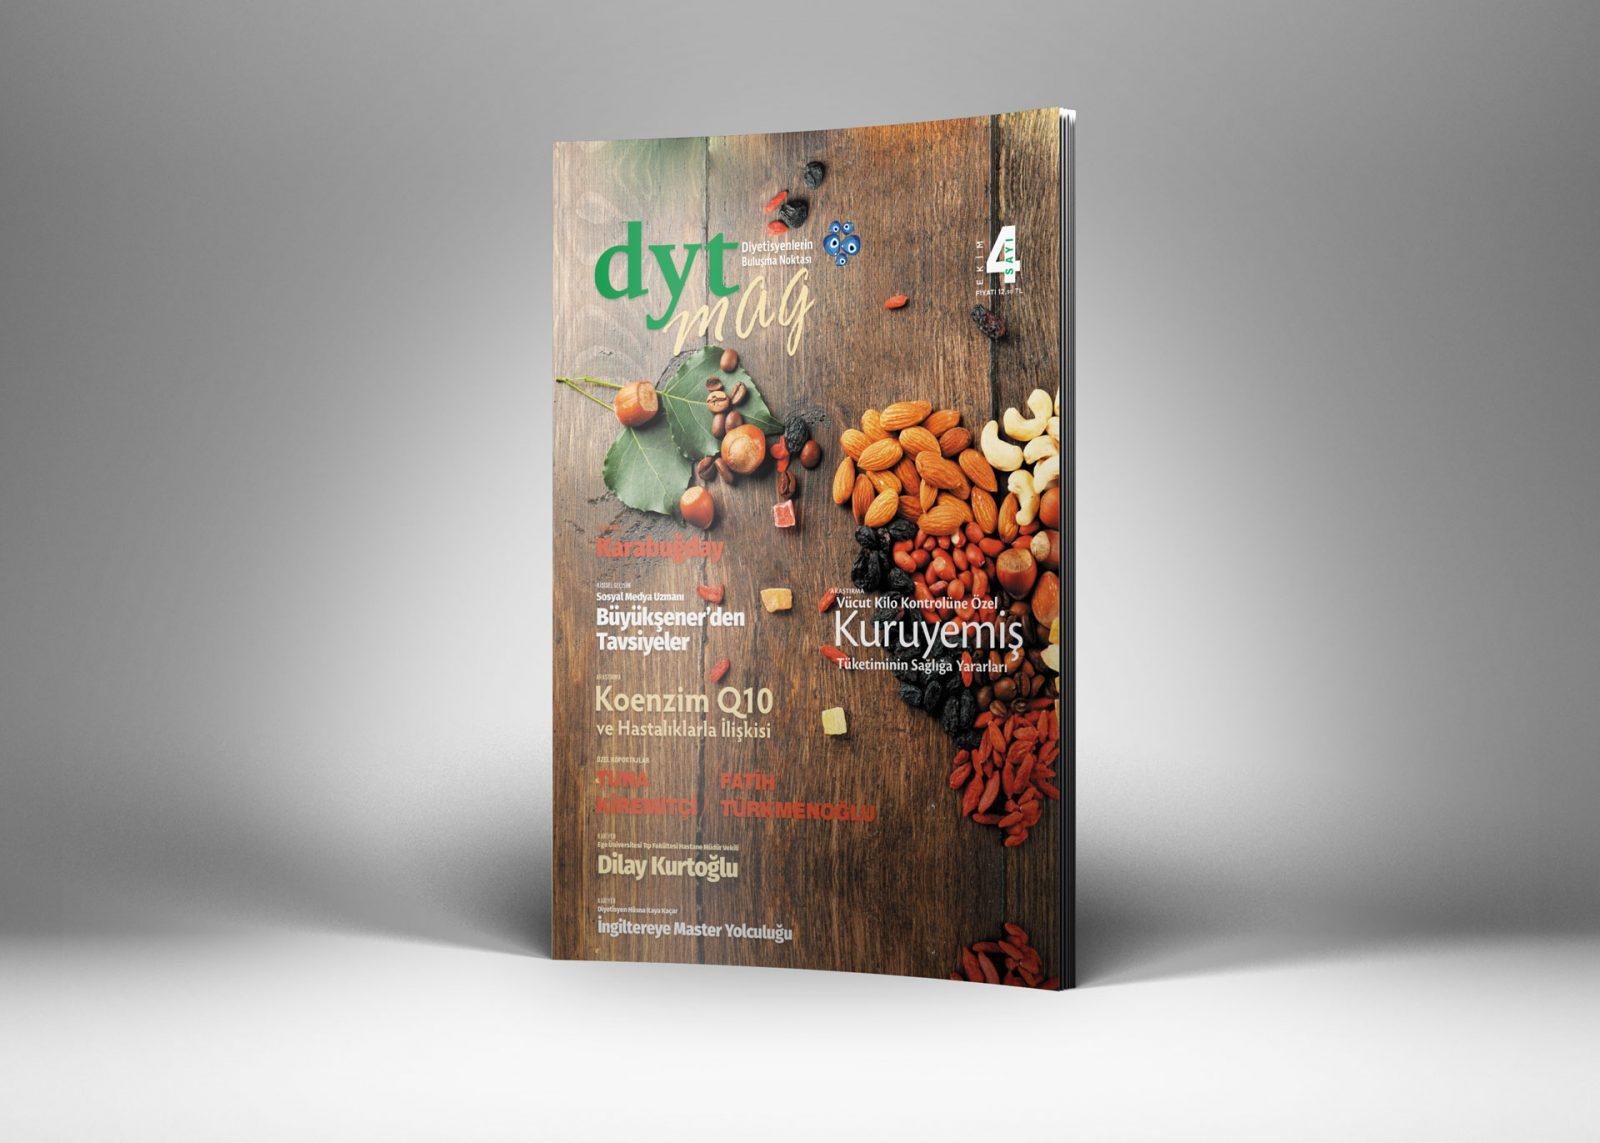 DytMagazin Dergi Tasarımı Sayı 4